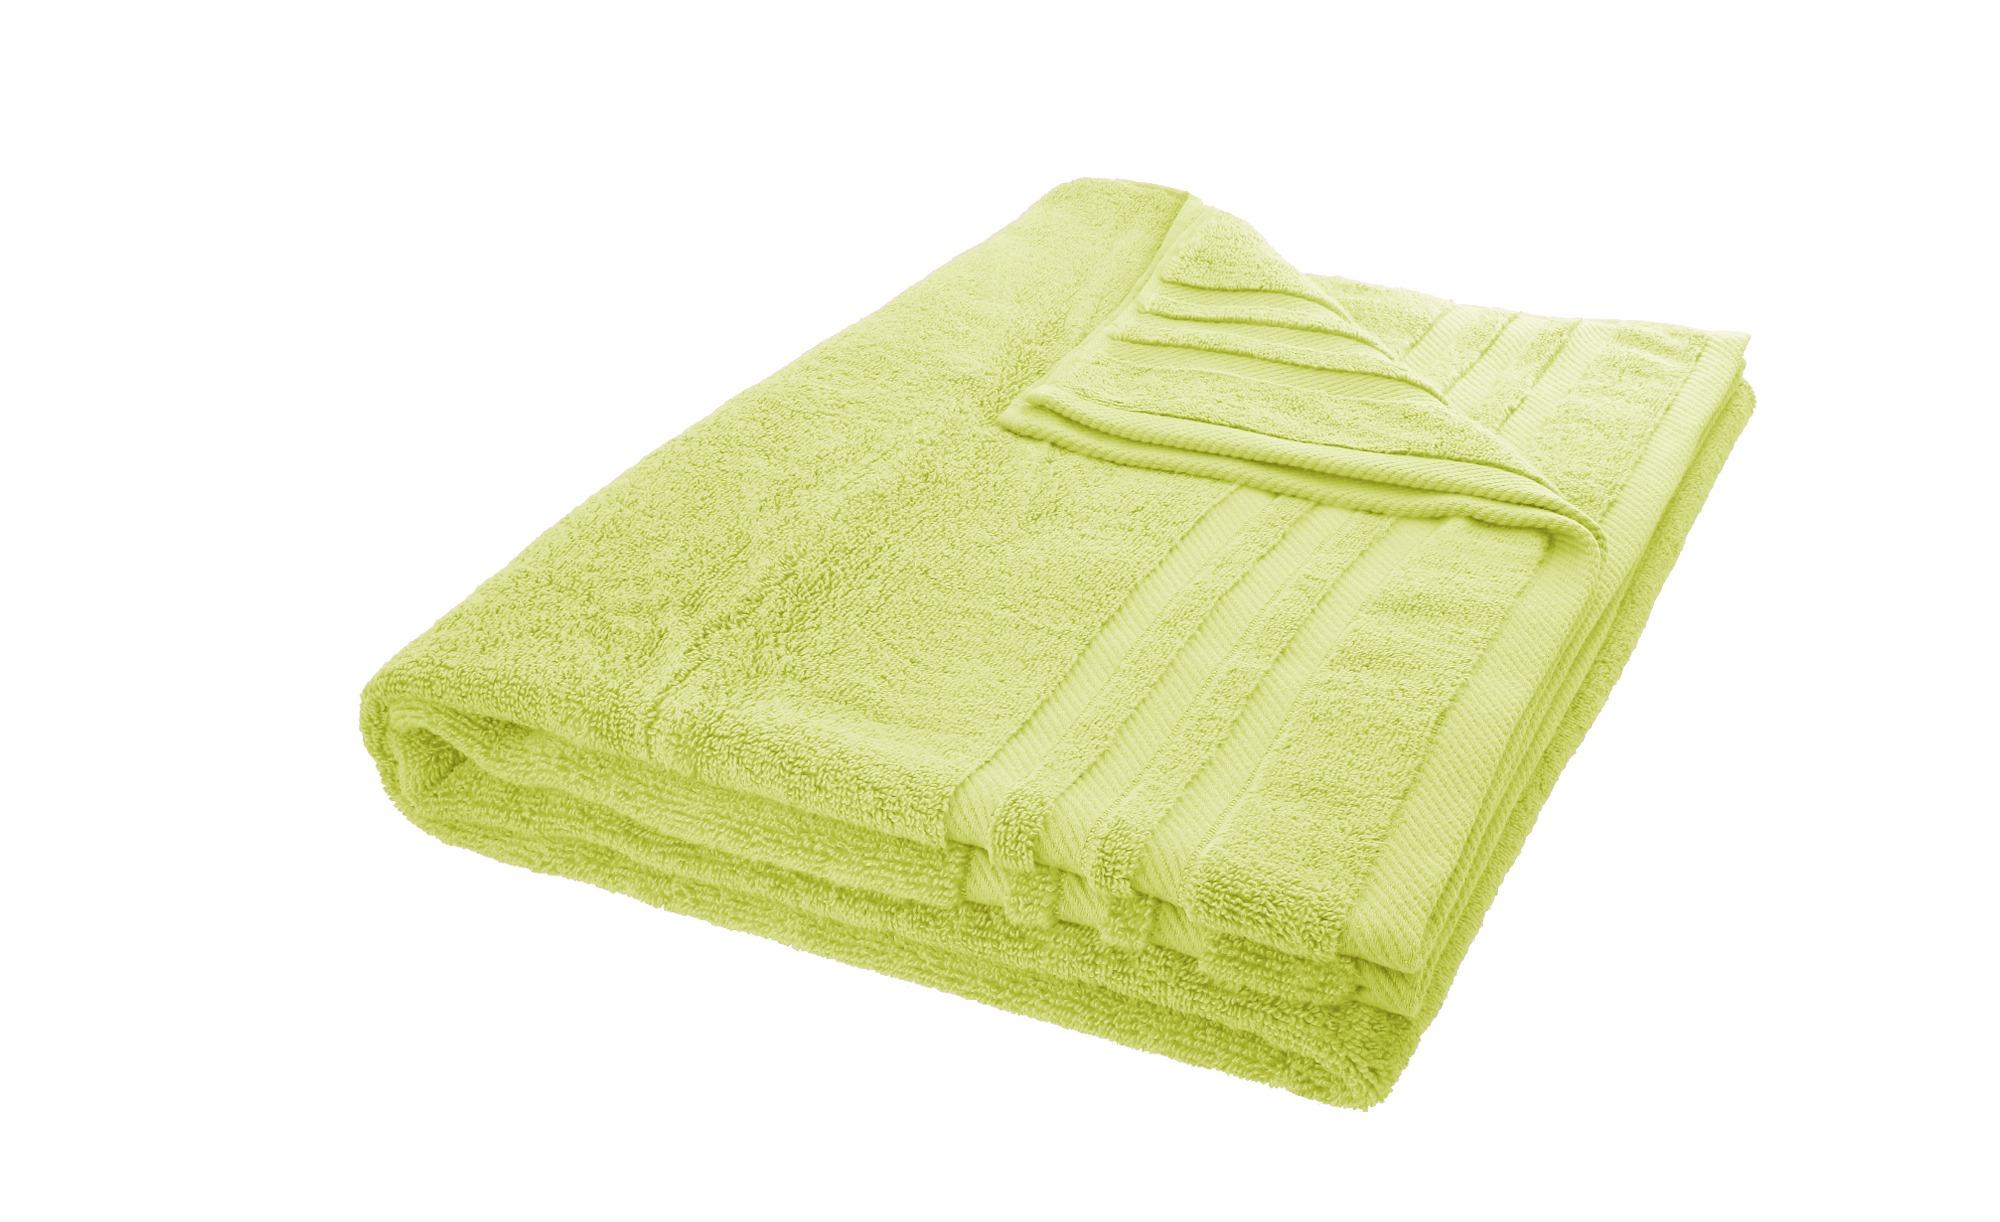 LAVIDA Badetuch  Soft Cotton ¦ grün ¦ reine Micro-Baumwolle ¦ Maße (cm): B: 100 Badtextilien und Zubehör > Handtücher & Badetücher > Badetücher & Saunatücher - Höffner